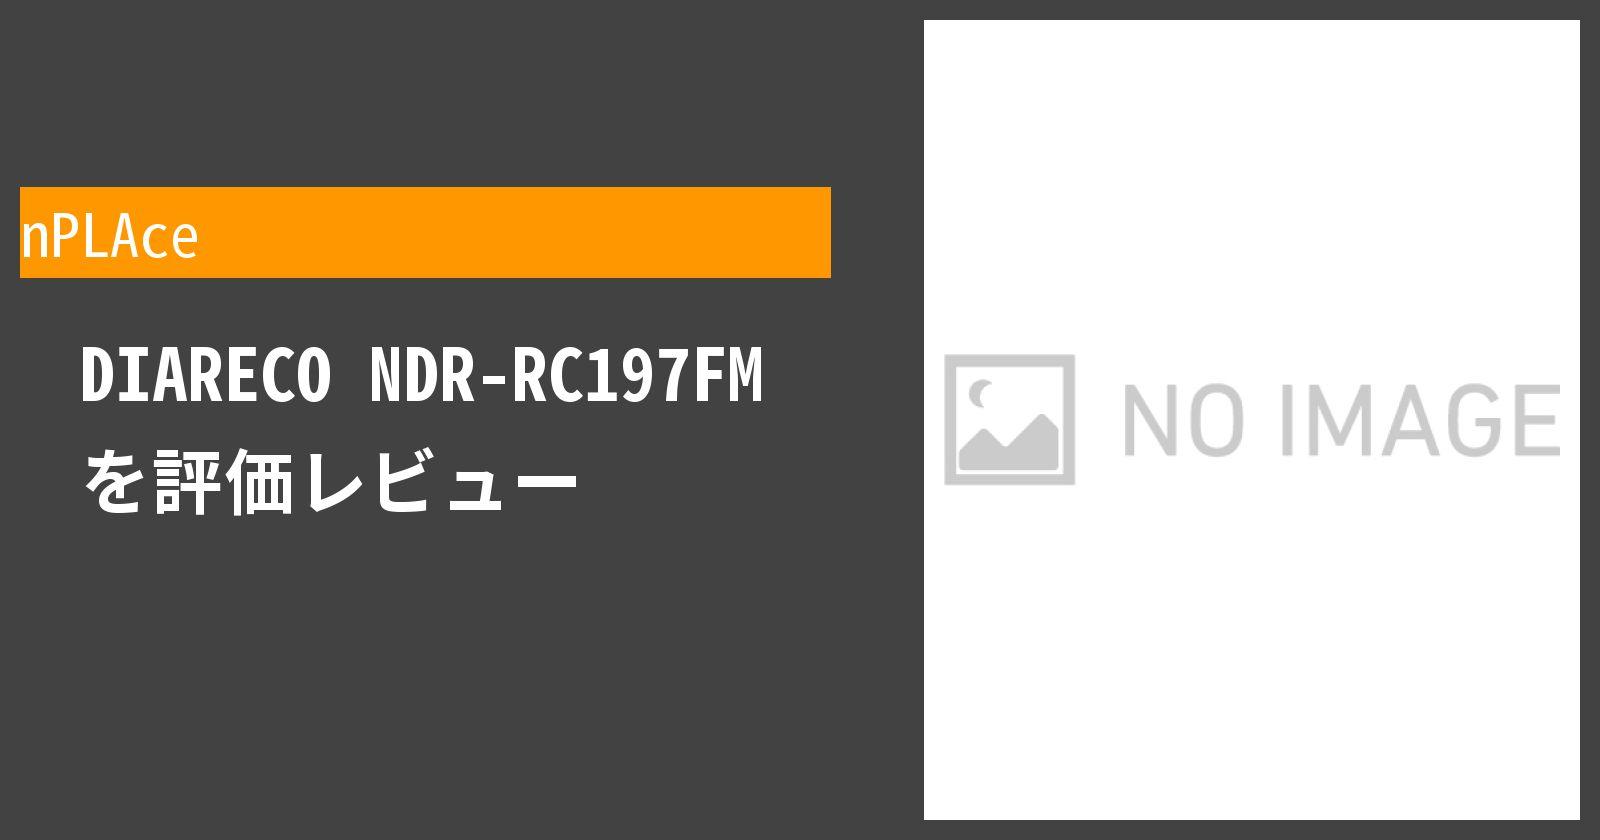 DIARECO NDR-RC197FMを徹底評価